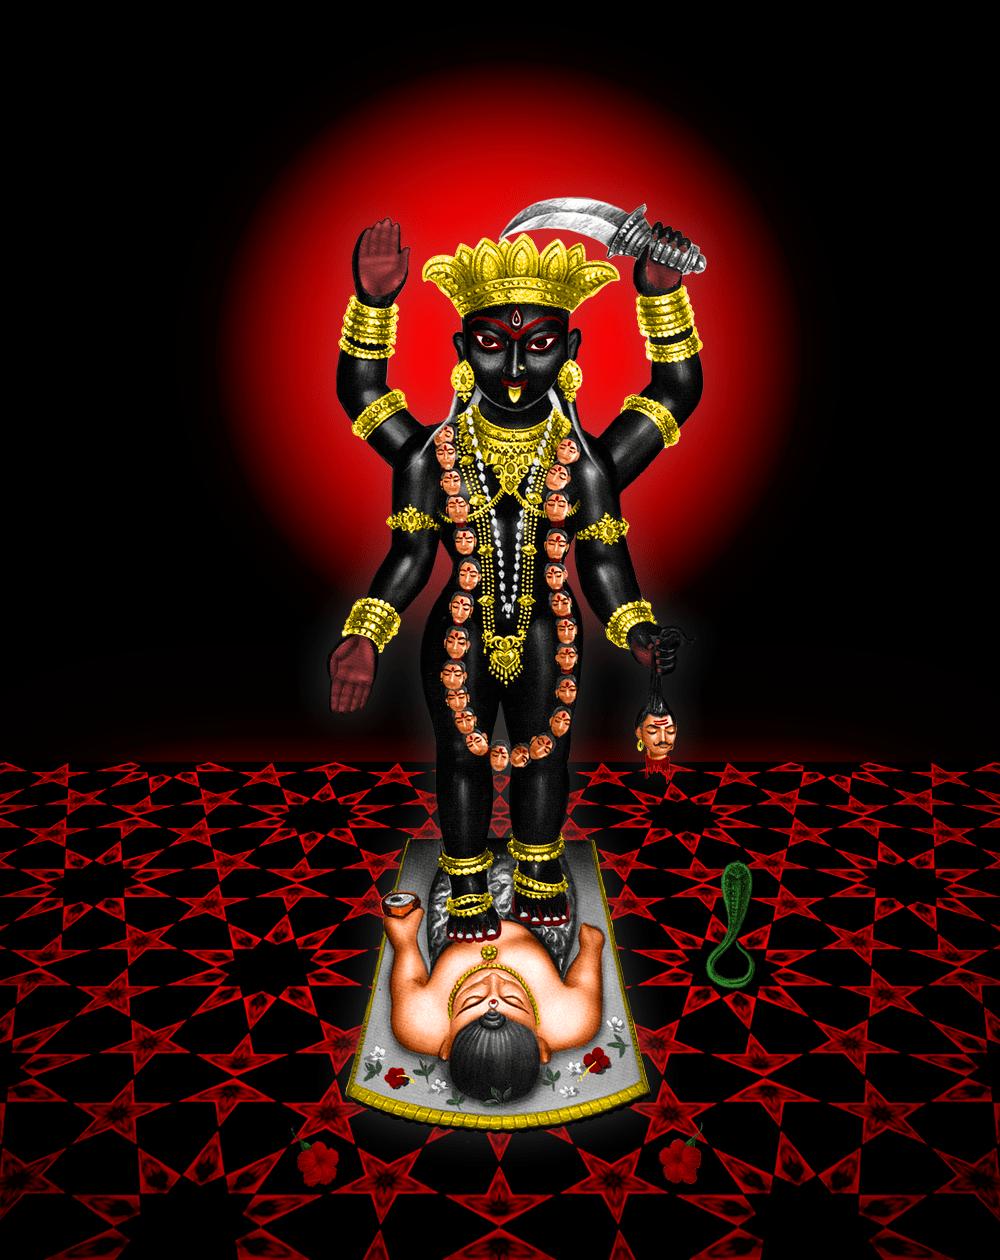 Maa Tara Wallpaper Hd Darshan A Gallery Of Kali Ma Images